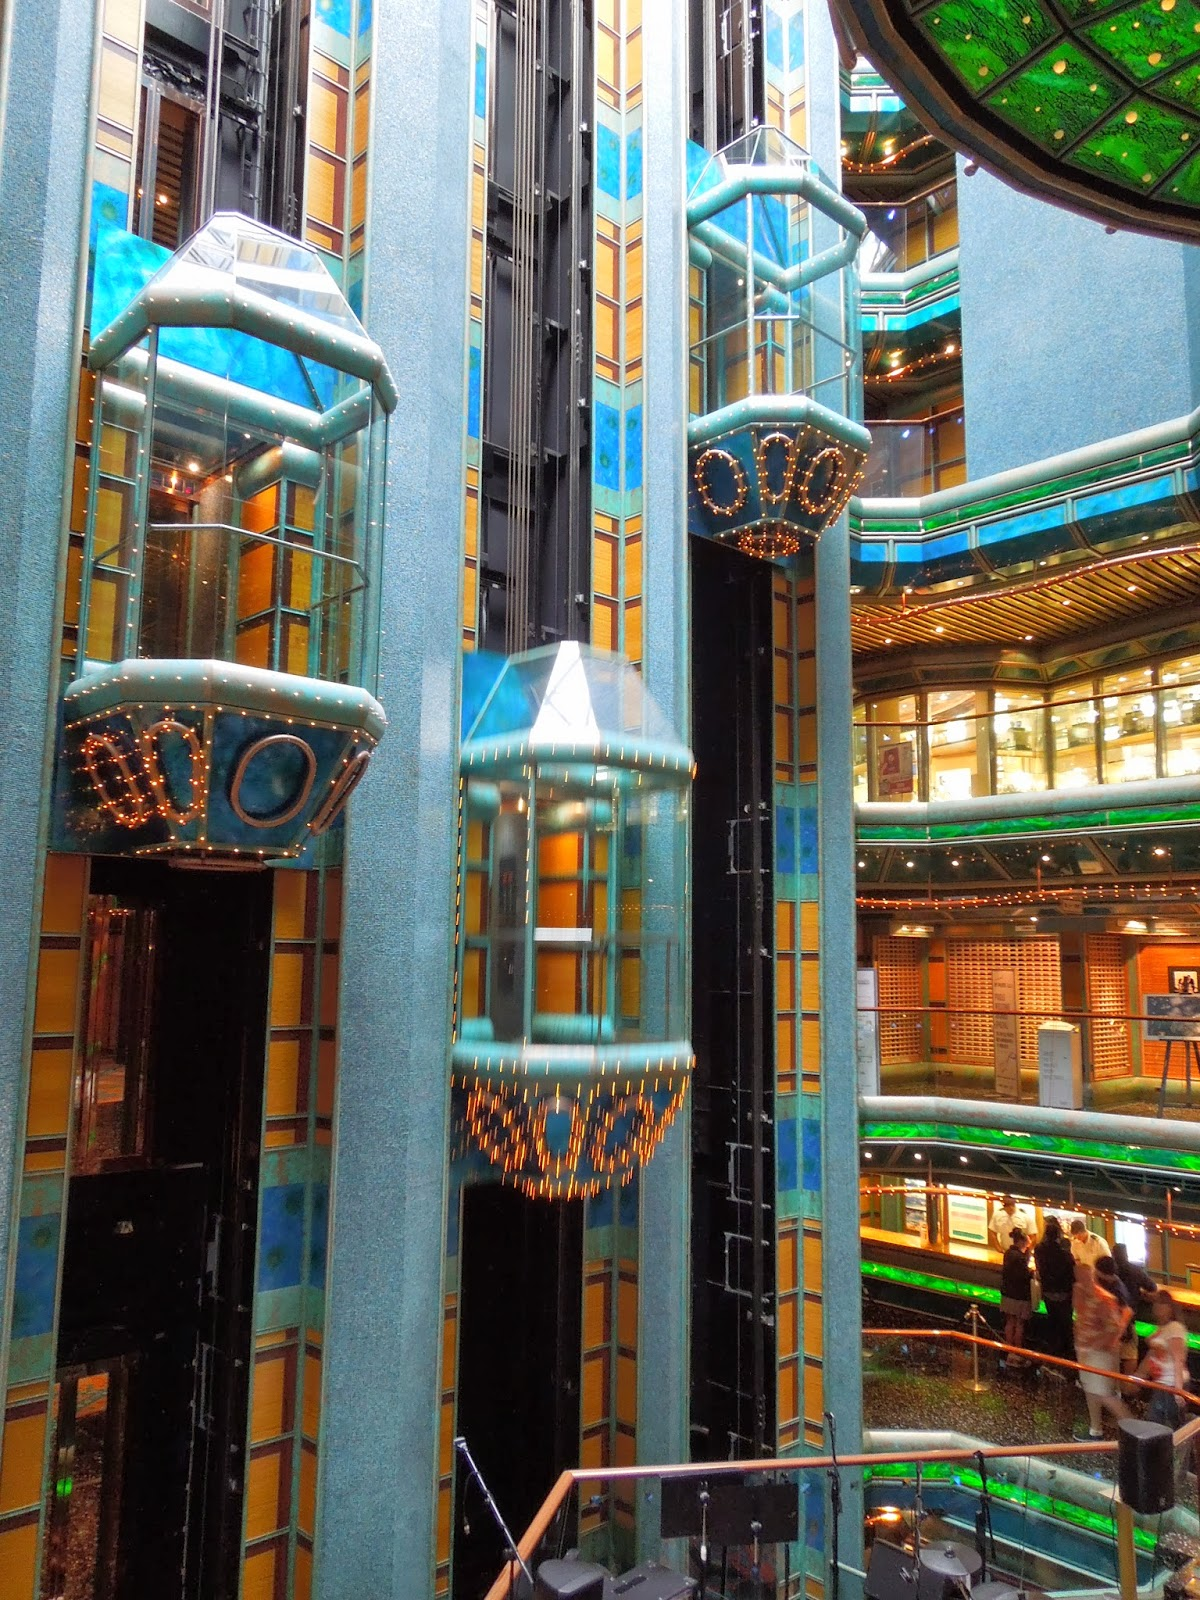 atrium elevators